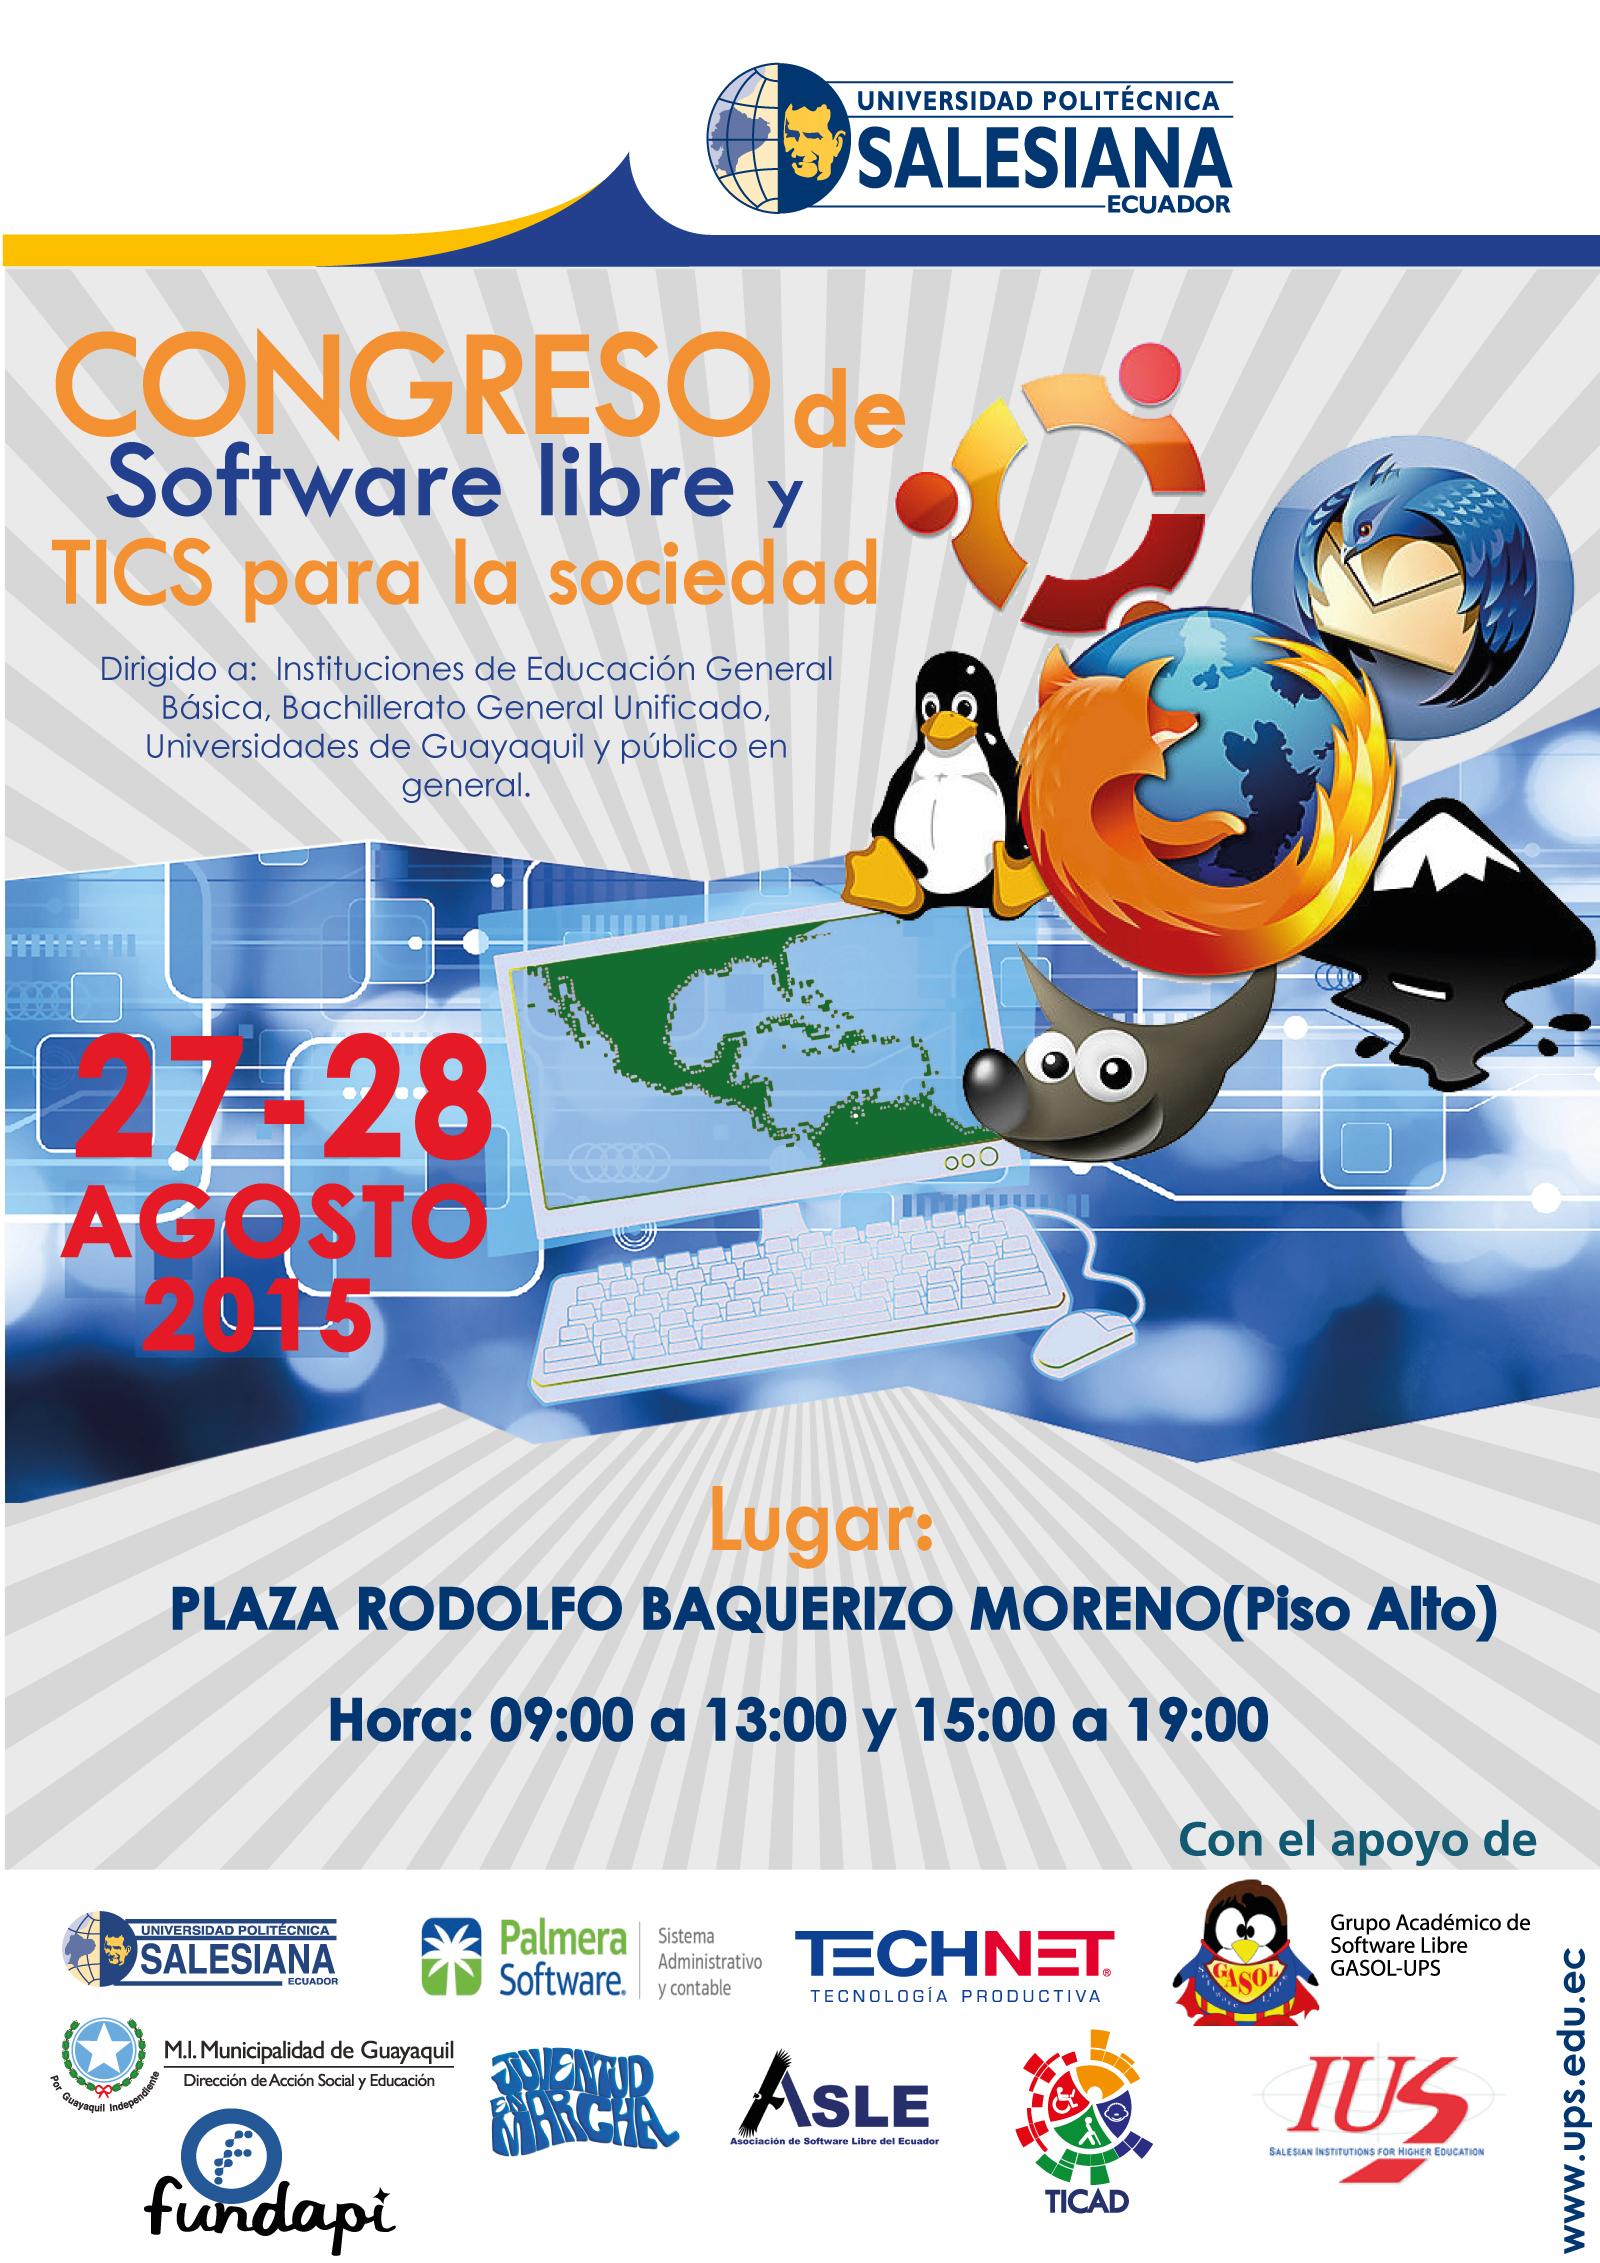 Congreso-de-Software-libre-y-TICS-para-la-sociedad(2version)